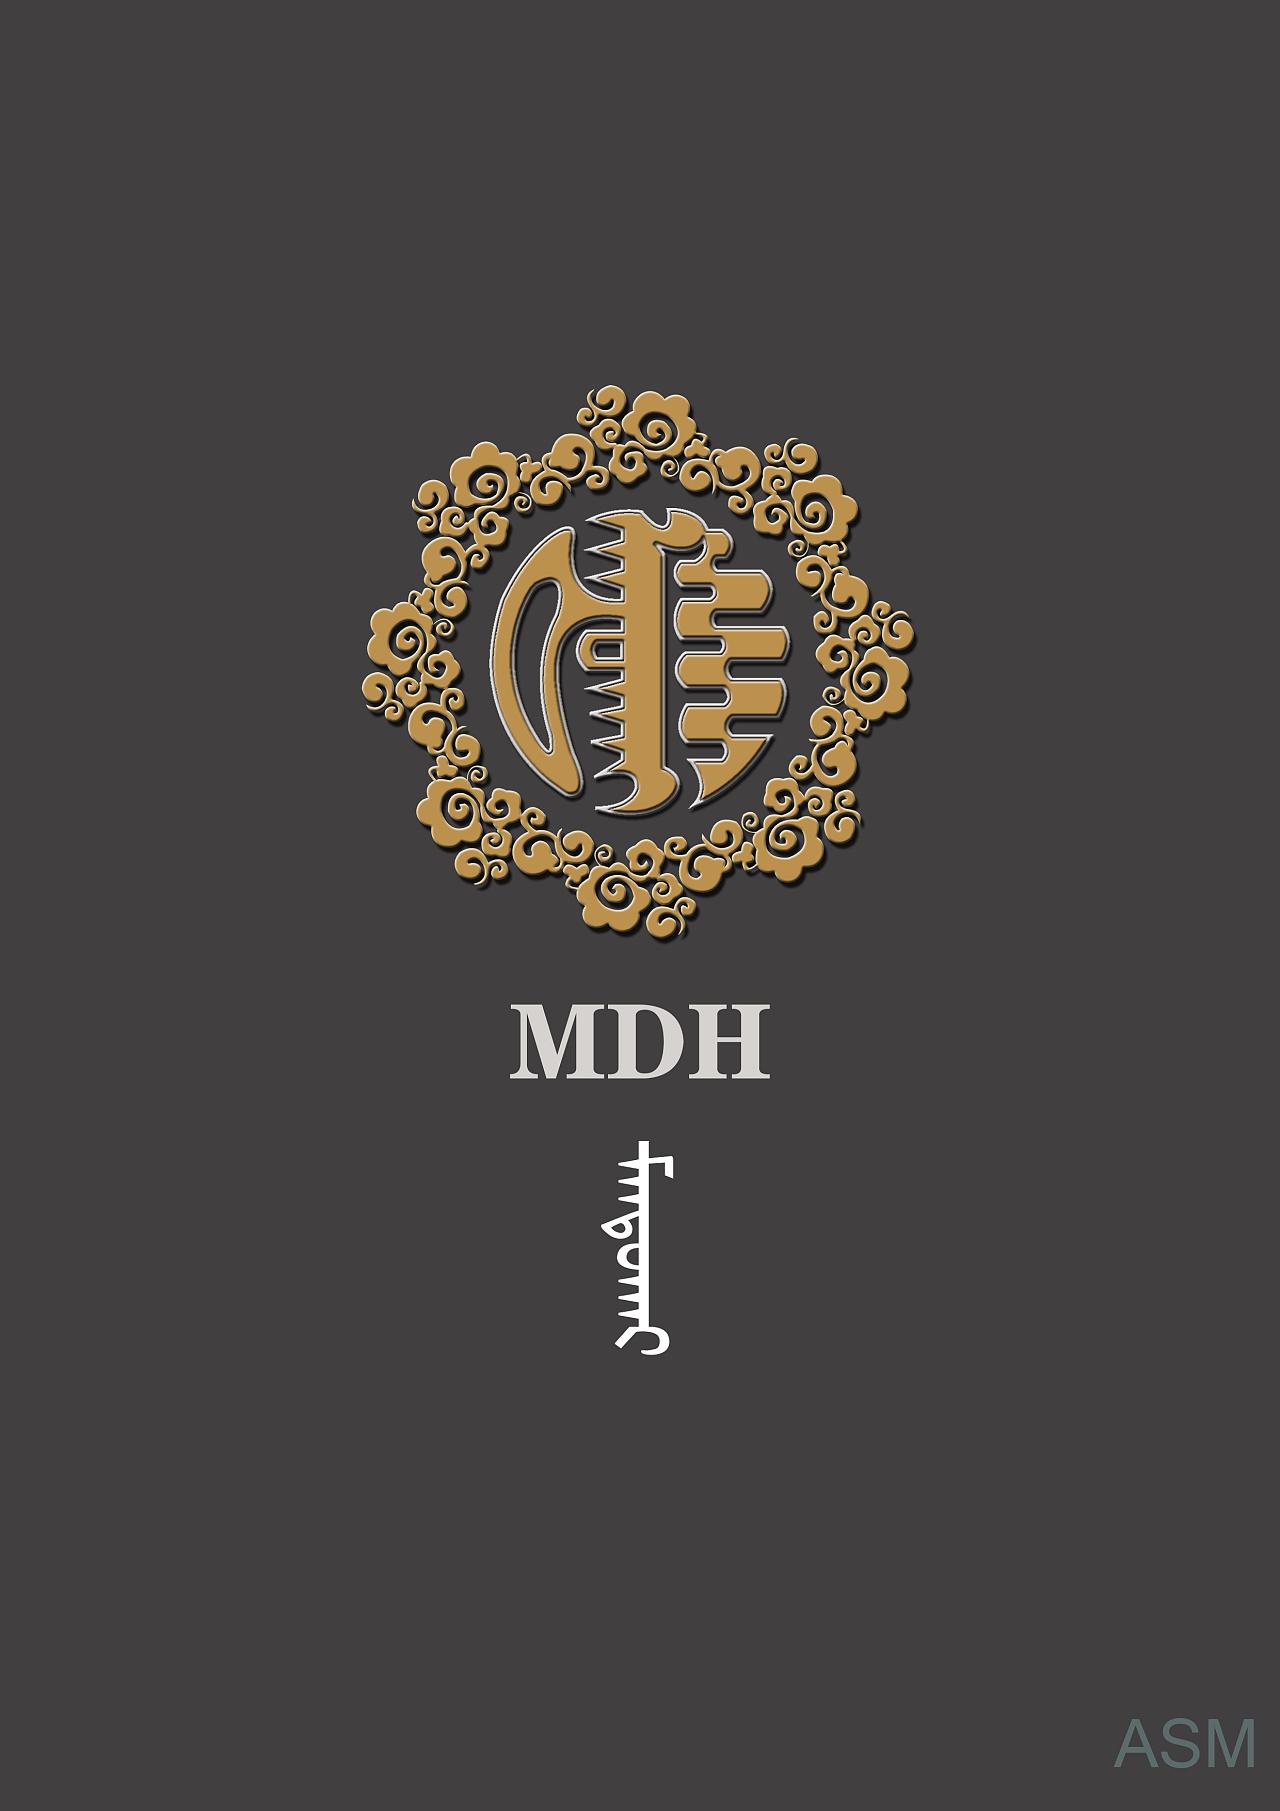 蒙古艺术文字3 -阿斯玛设计 第4张 蒙古艺术文字3 -阿斯玛设计 蒙古设计